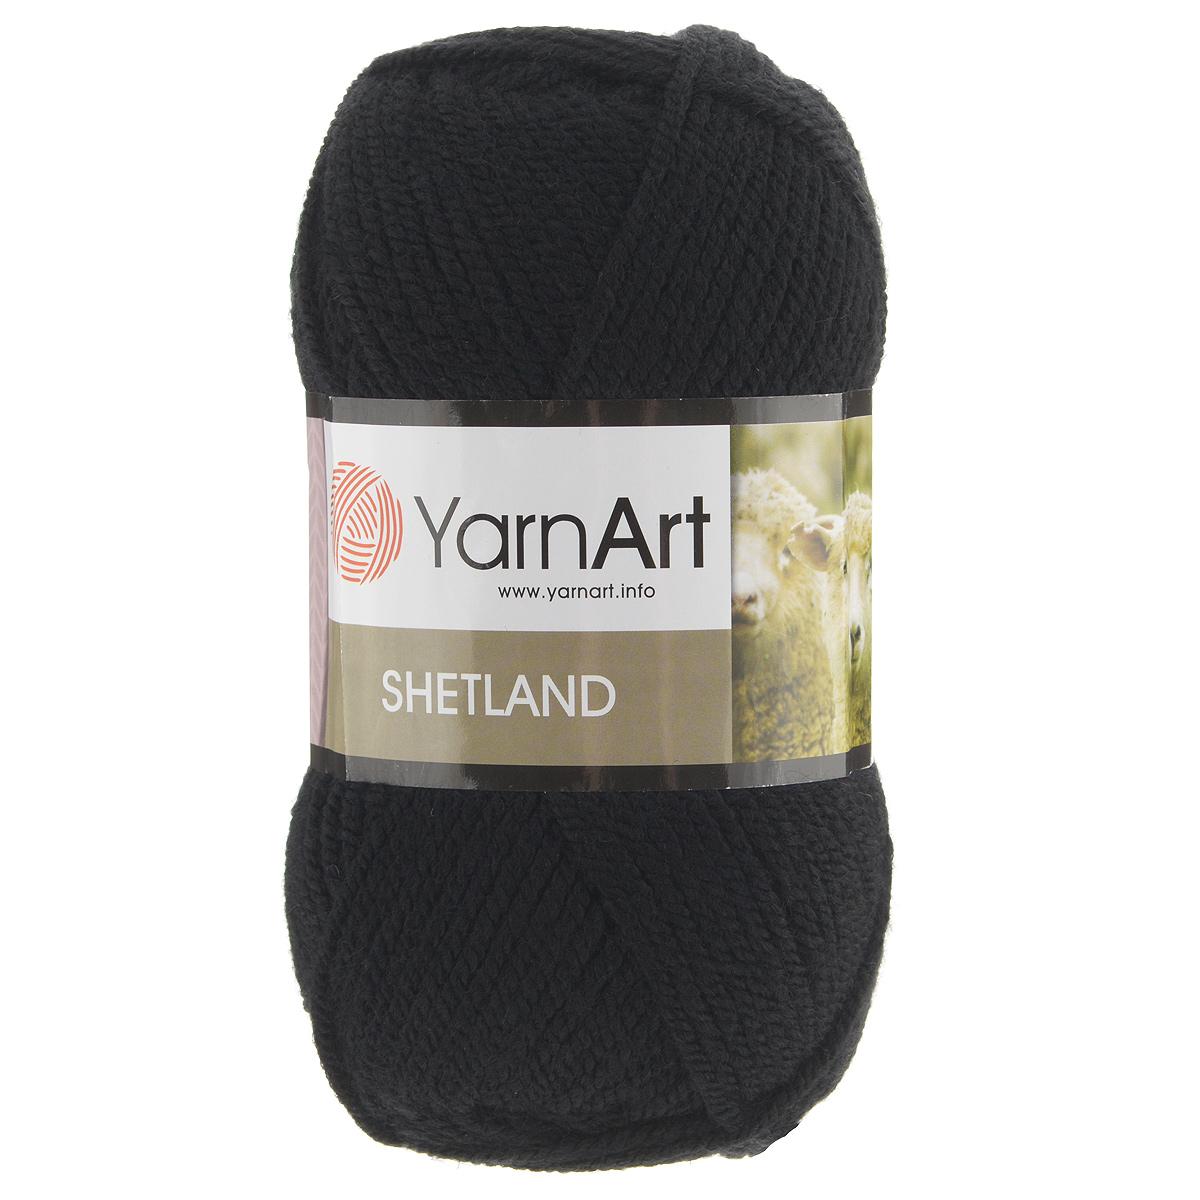 Пряжа для вязания YarnArt Shetland, цвет: черный (502), 220 м, 100 г, 5 шт372069_502Пряжа для вязания YarnArt Shetland изготовлена из шерсти и акрила. При взгляде на моток сразу видно, что вещи из этой пряжи будут выглядеть дорого. Изделия из этой пряжи не скатываются и не деформируются. Пряжа очень легка в работе, даже при роспуске полотна она не цепляется и не путается. Ниточка теплая и уютная, отлично подходит для нашей морозной зимы. Даже ажурные шапки и шарфы при всей своей тонкости будут самыми надежными защитниками от снега и сильного ветра. Очень хорошо смотрятся из этой шерсти узоры из кос и жгутов. Рекомендованные спицы 4,5 мм и крючок 5 мм. Комплектация: 5 мотков. Состав: 30% шерсть, 70% акрил.